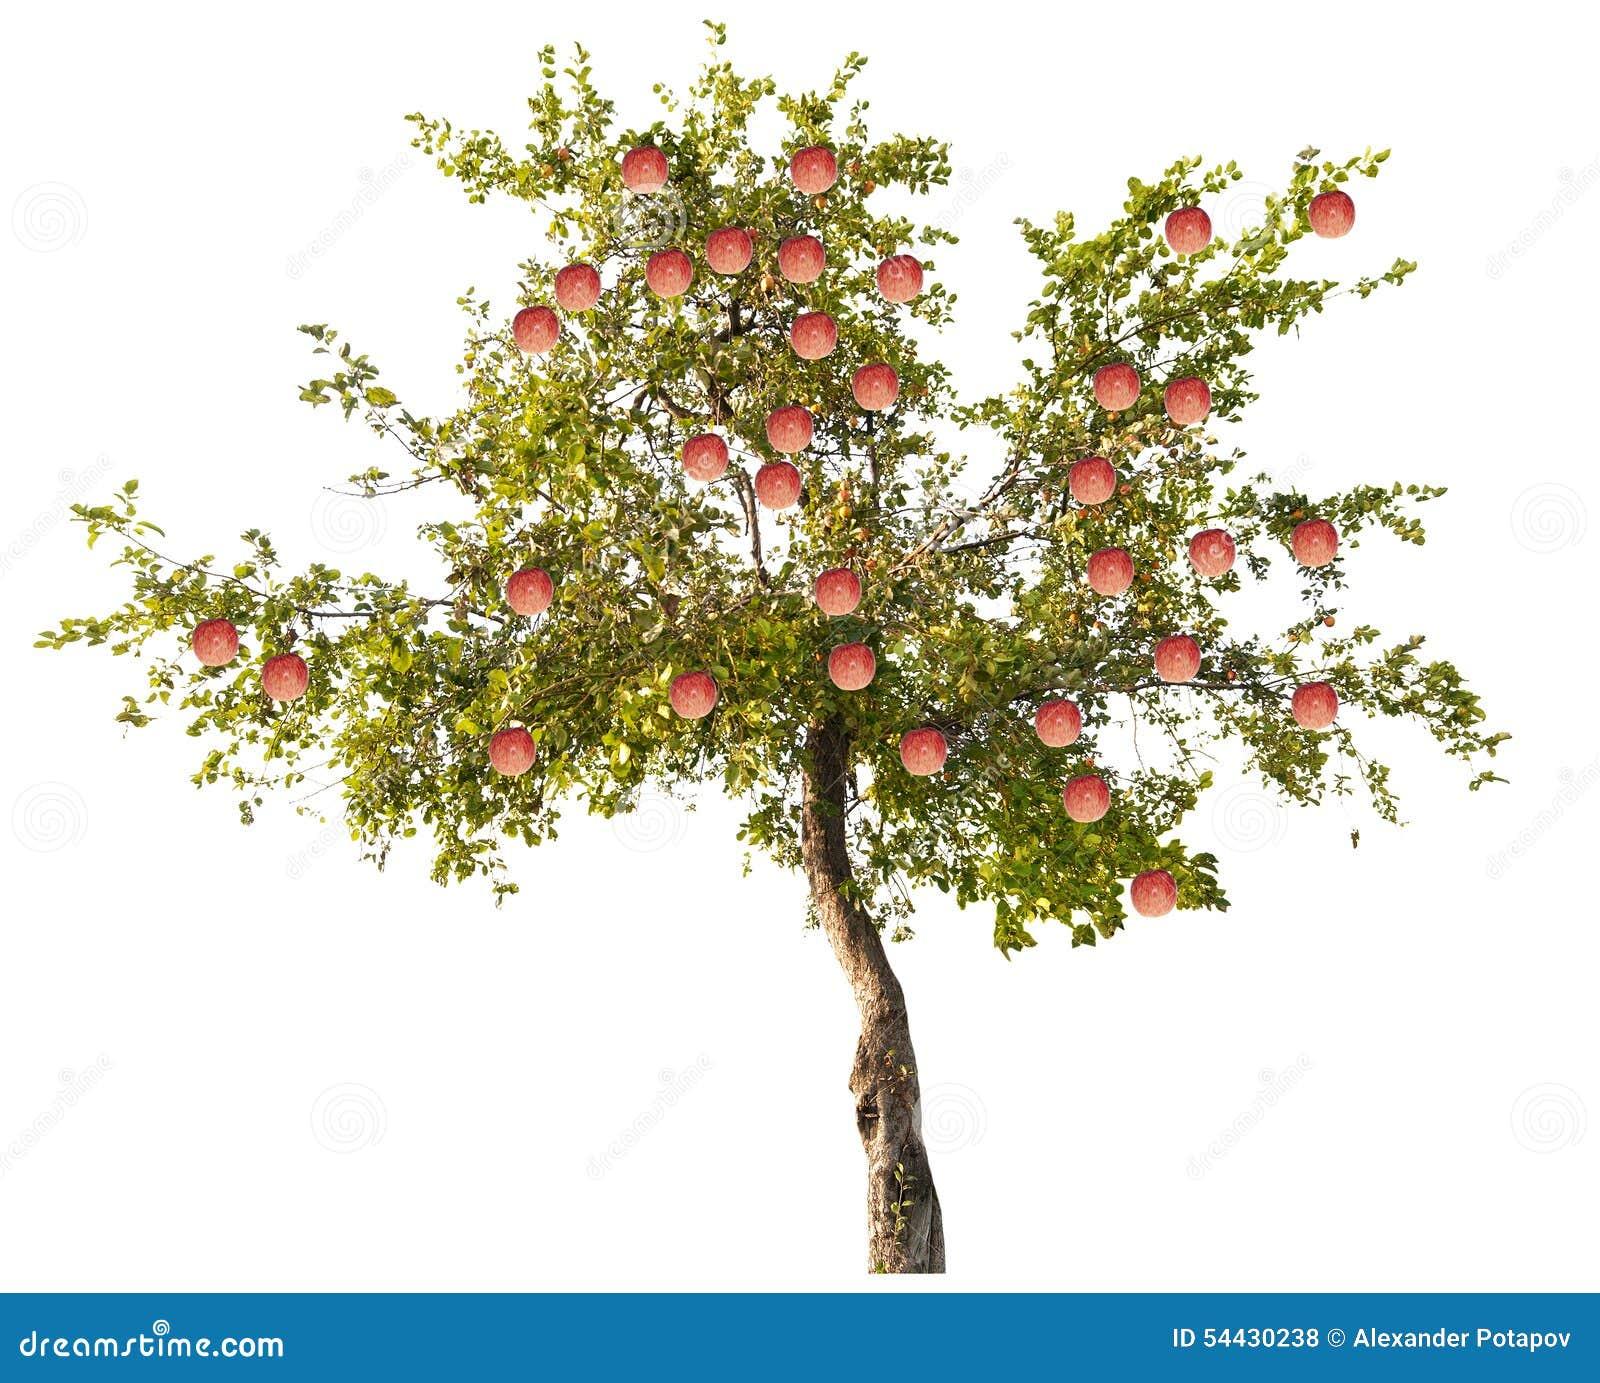 apfelbaum mit gro en rosa fr chten auf wei stockfoto bild von bl te jahreszeit 54430238. Black Bedroom Furniture Sets. Home Design Ideas